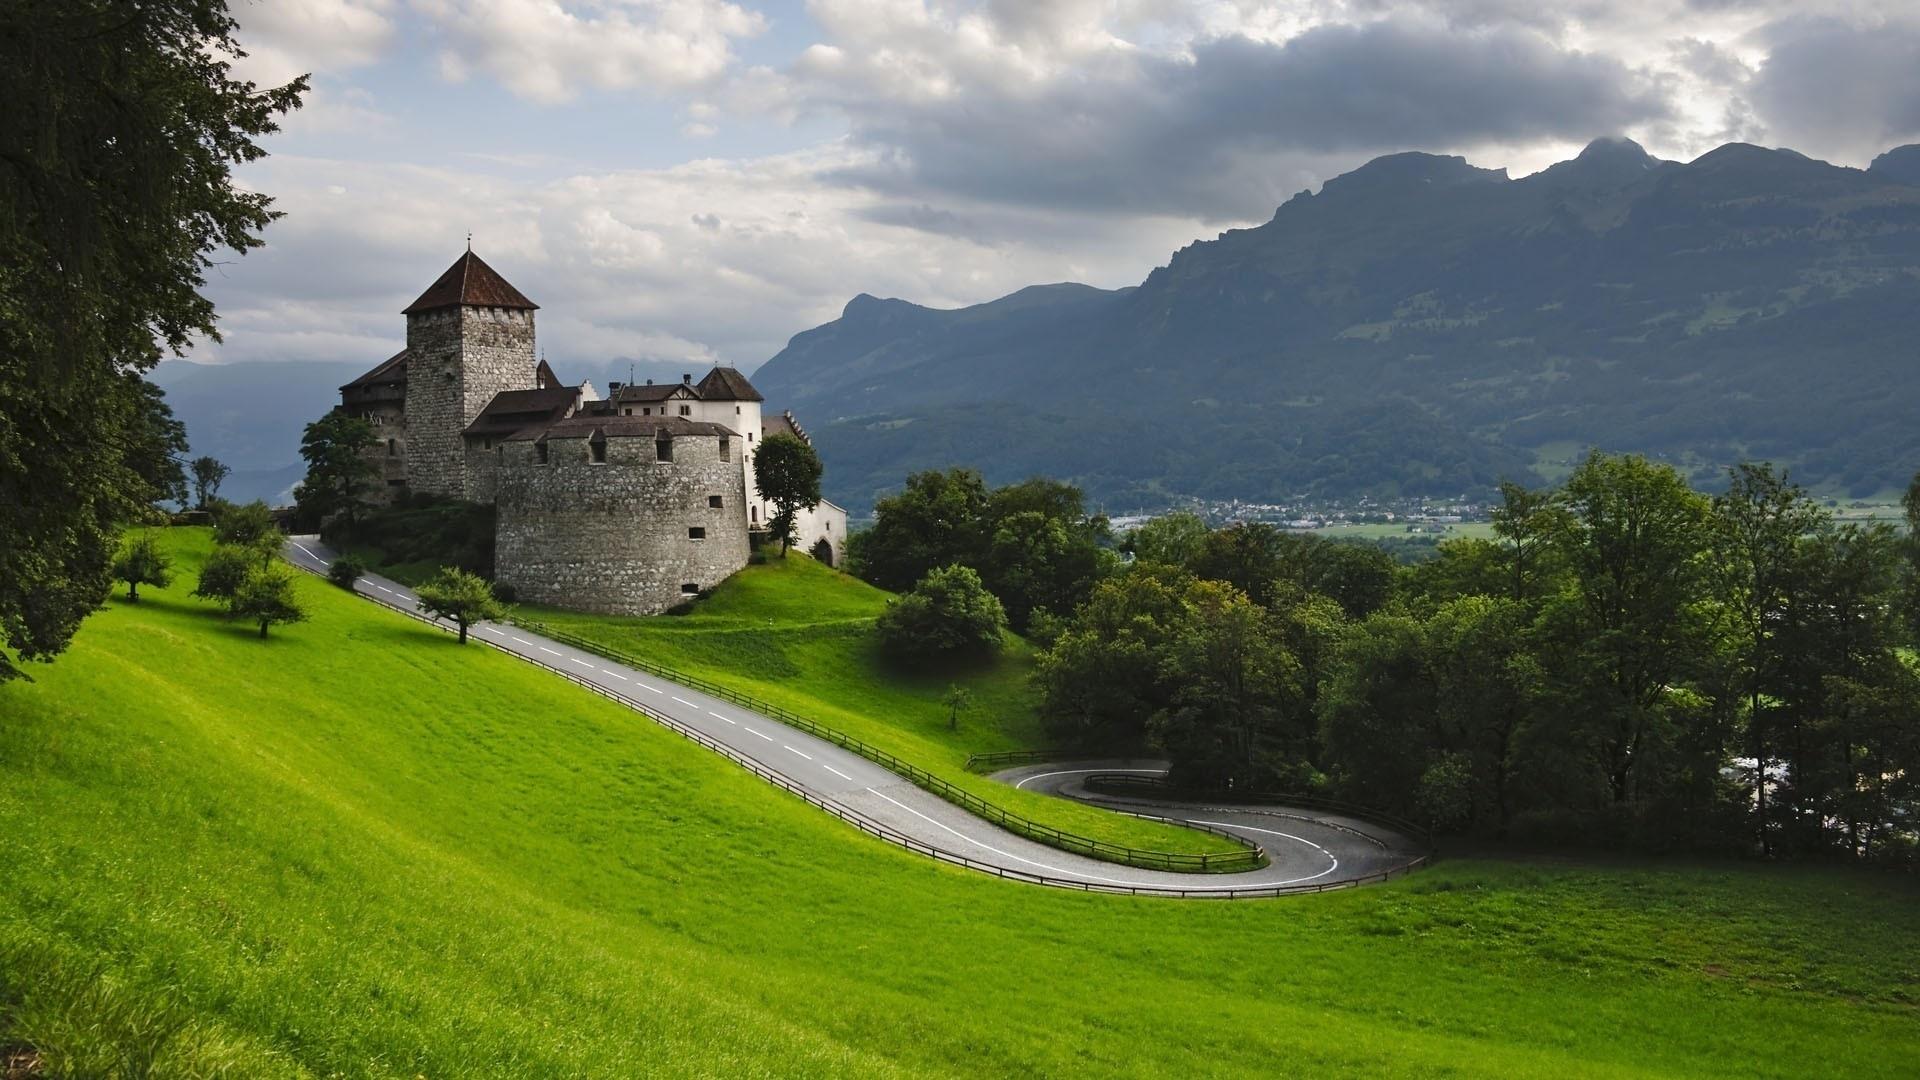 замок, камень, дорога